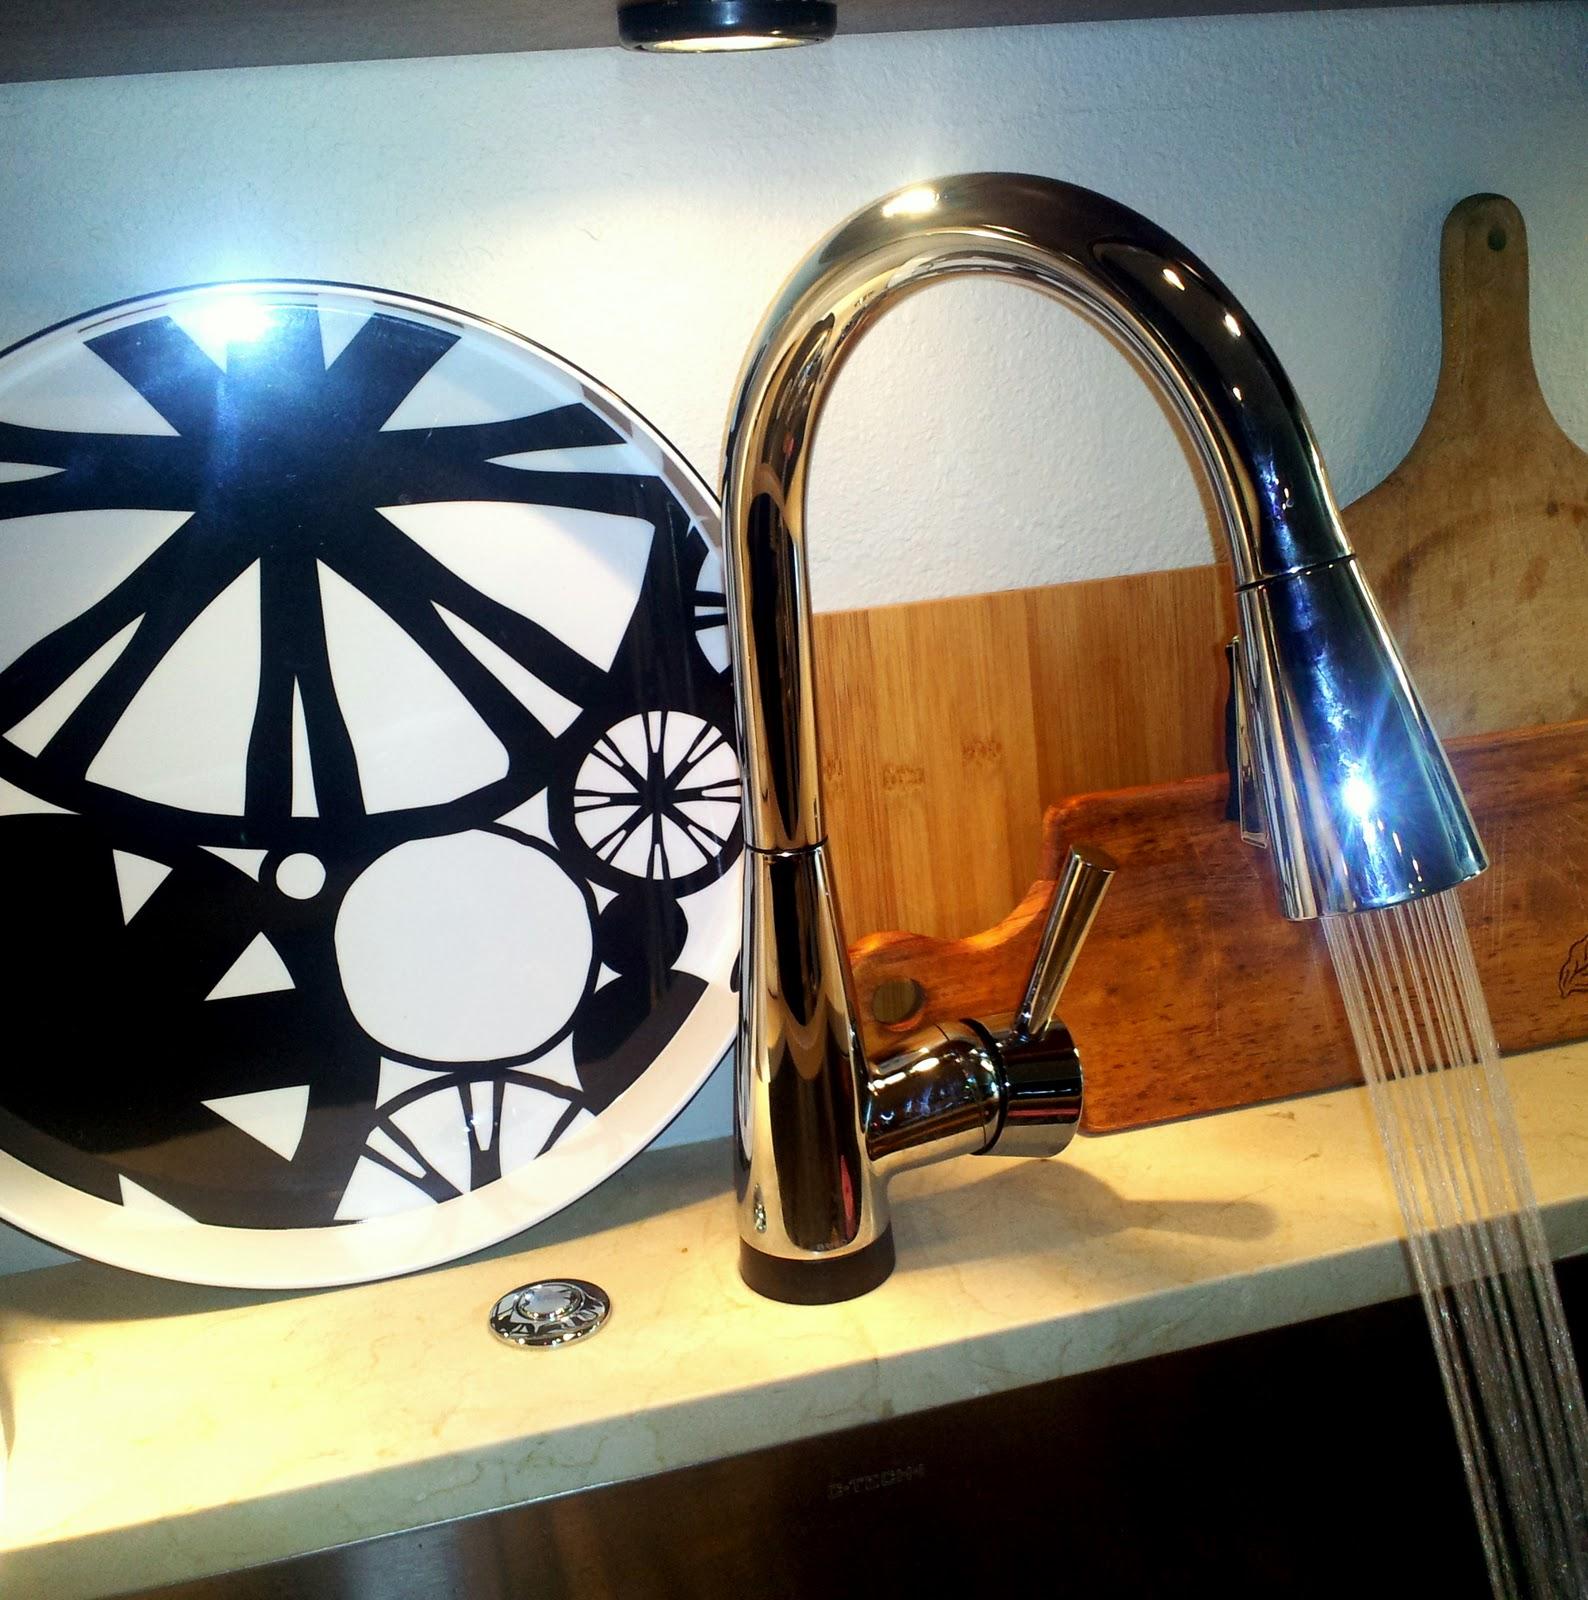 My Home, My Time2Design ~Brizo Venuto Faucet